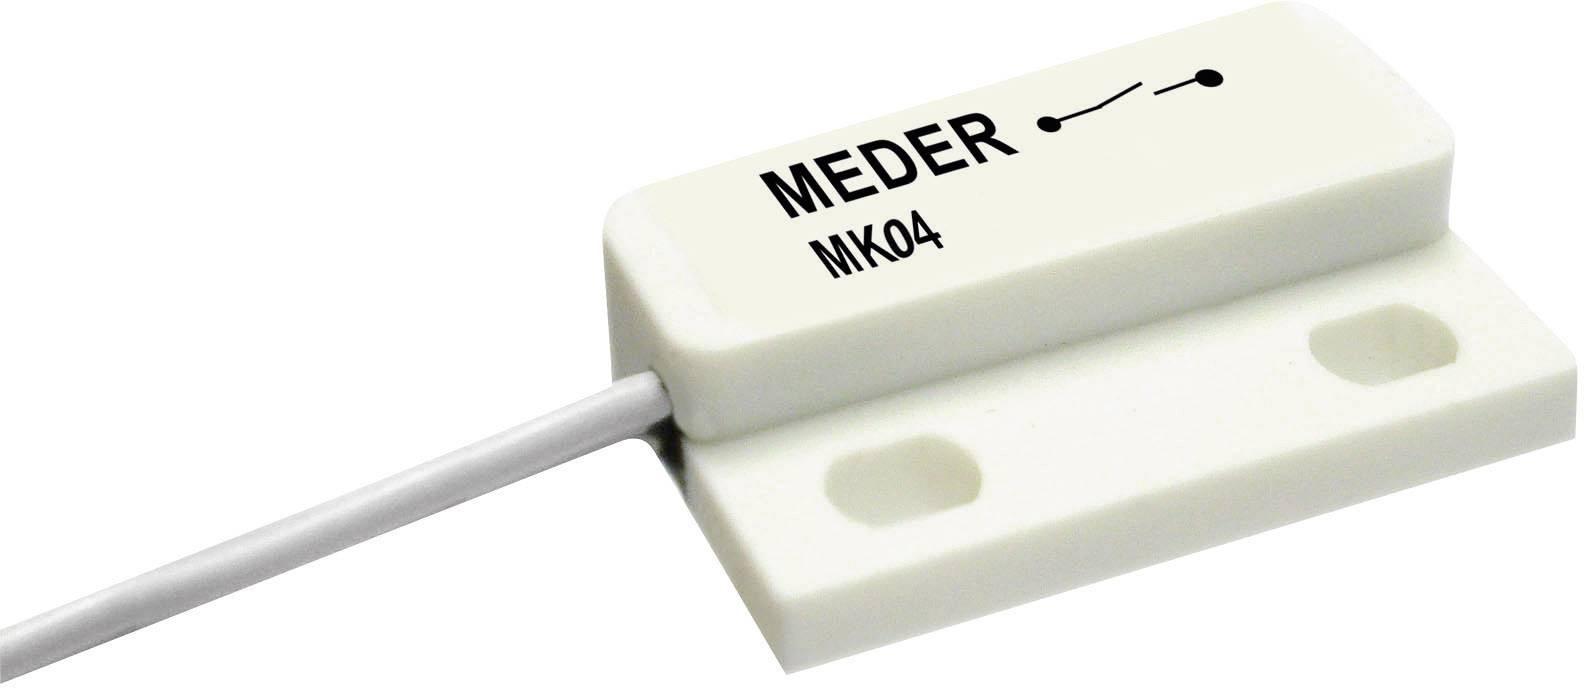 Jazyčkový kontakt StandexMeder Electronics 2243711054, 1 spínací, 180 V/DC, 180 V/AC, 0.5 A, 10 W